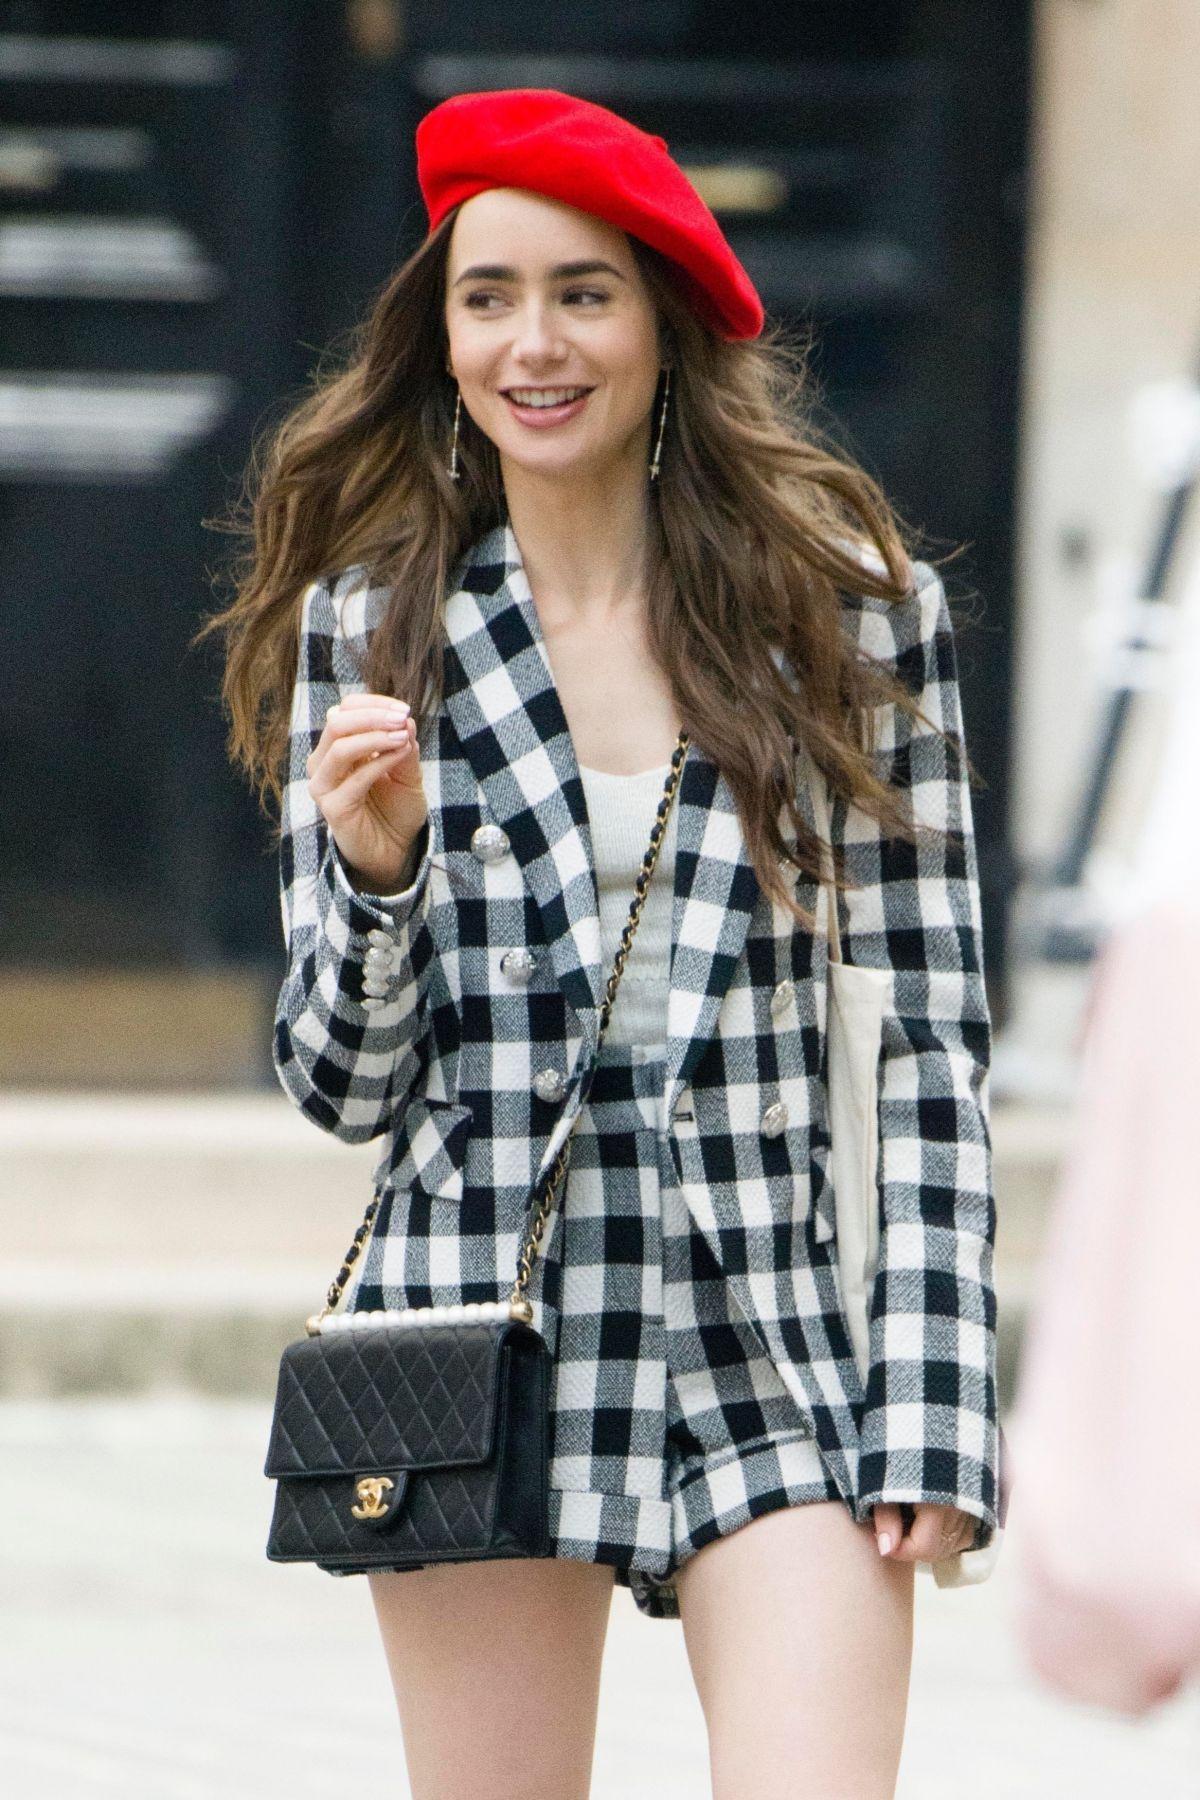 """Nữ chính Emily in Paris bật mí chai nước hoa chuẩn gái Pháp, muốn ghi điểm thanh lịch tinh tế thì hội chị em hãy """"hóng"""" ngay - Ảnh 7."""